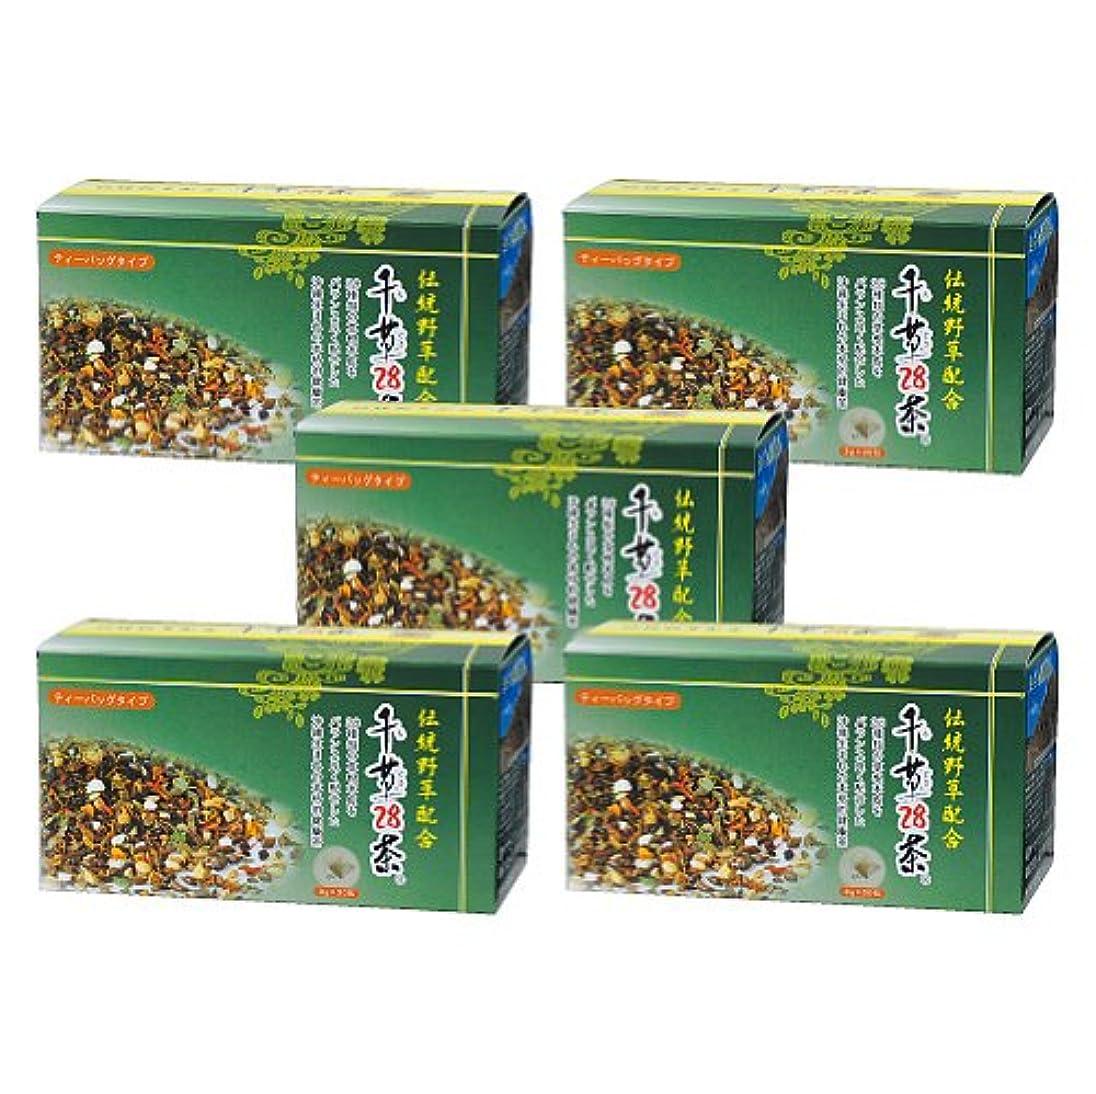 シミュレートする虐待ドアミラー千草28茶 ティーバッグタイプ 30包×5個